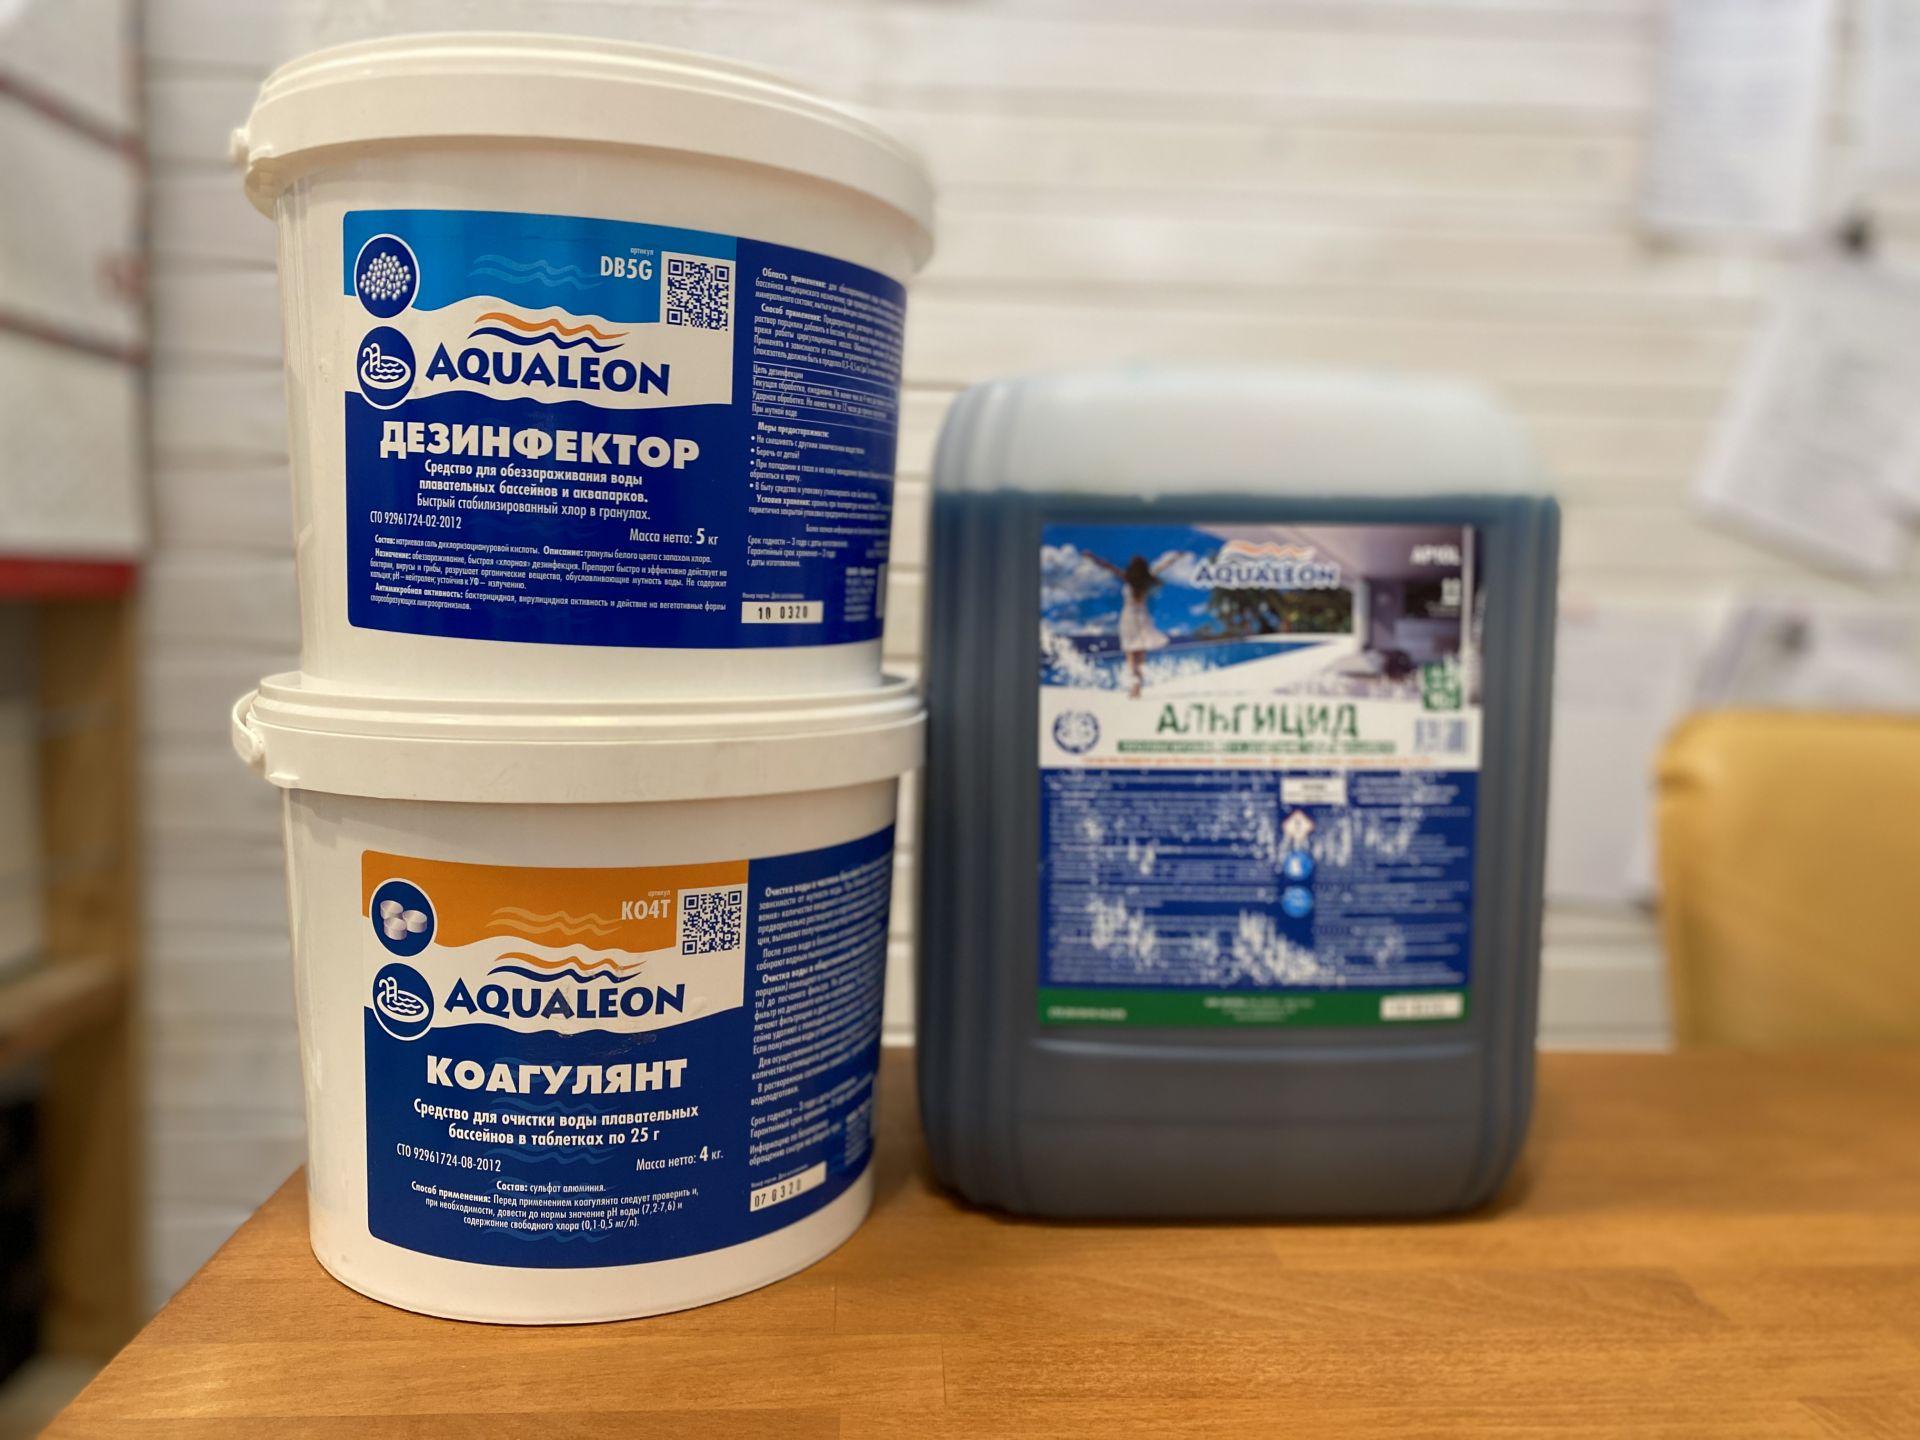 Химия для бассейна аквалеон: таблетки, отзывы пользователей, плюсы и минусы продукции, сравнительные таблицы